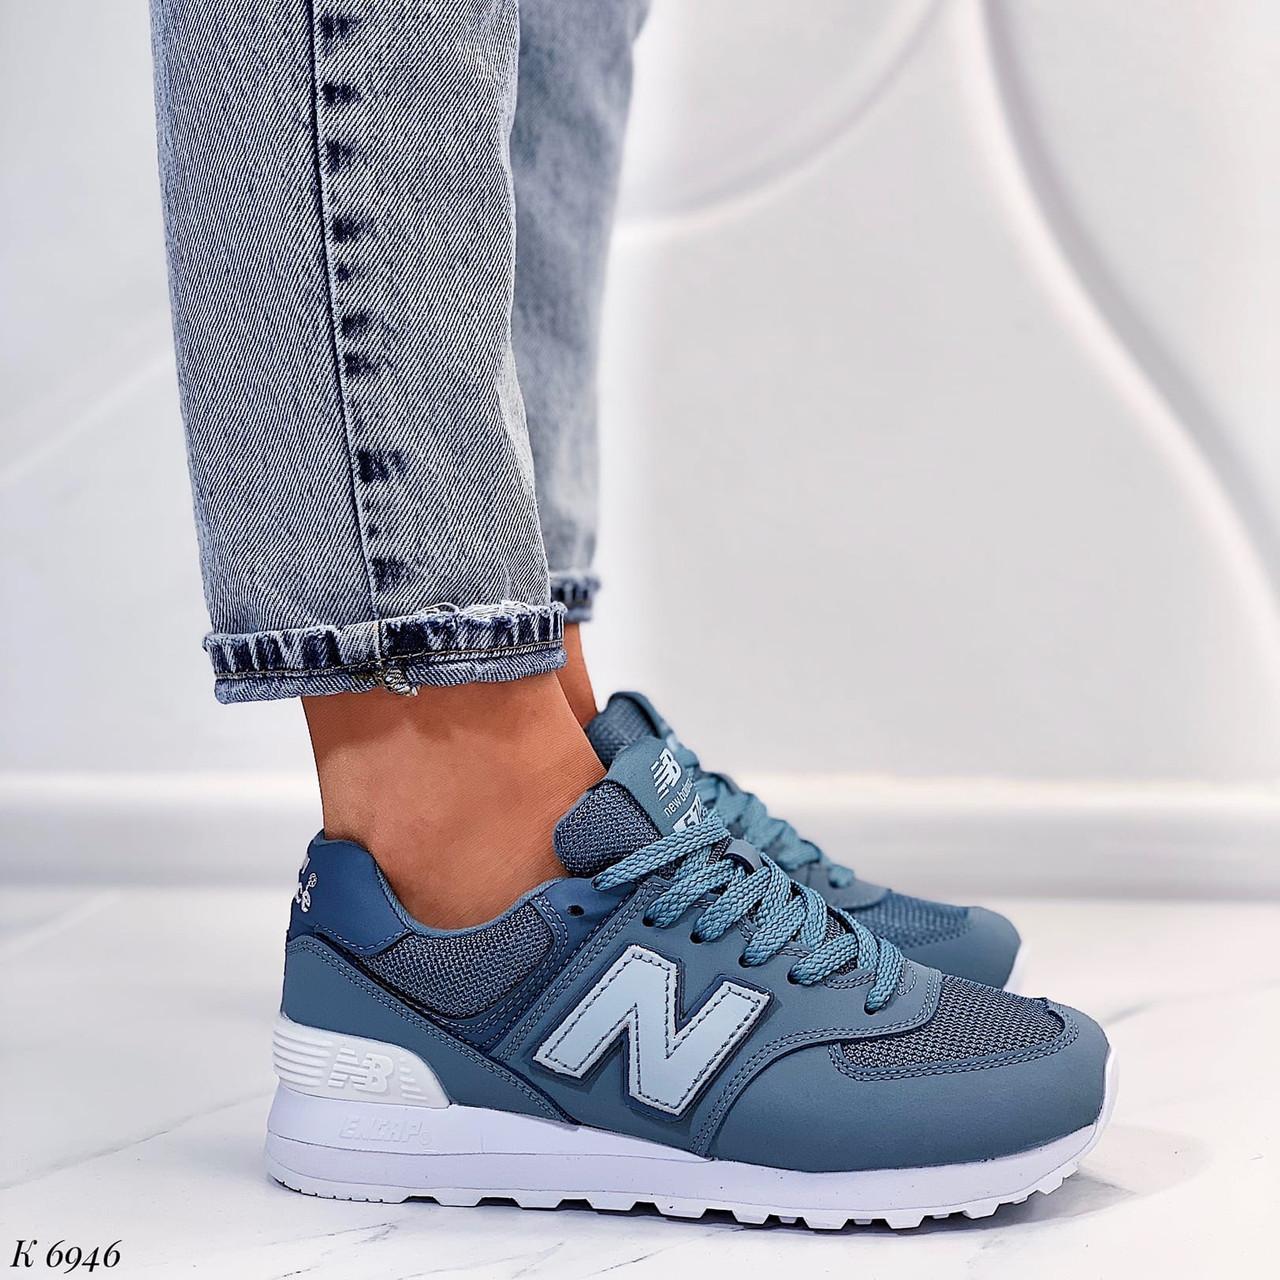 Женские кроссовки синие/ голубые натуральный нубук + текстиль